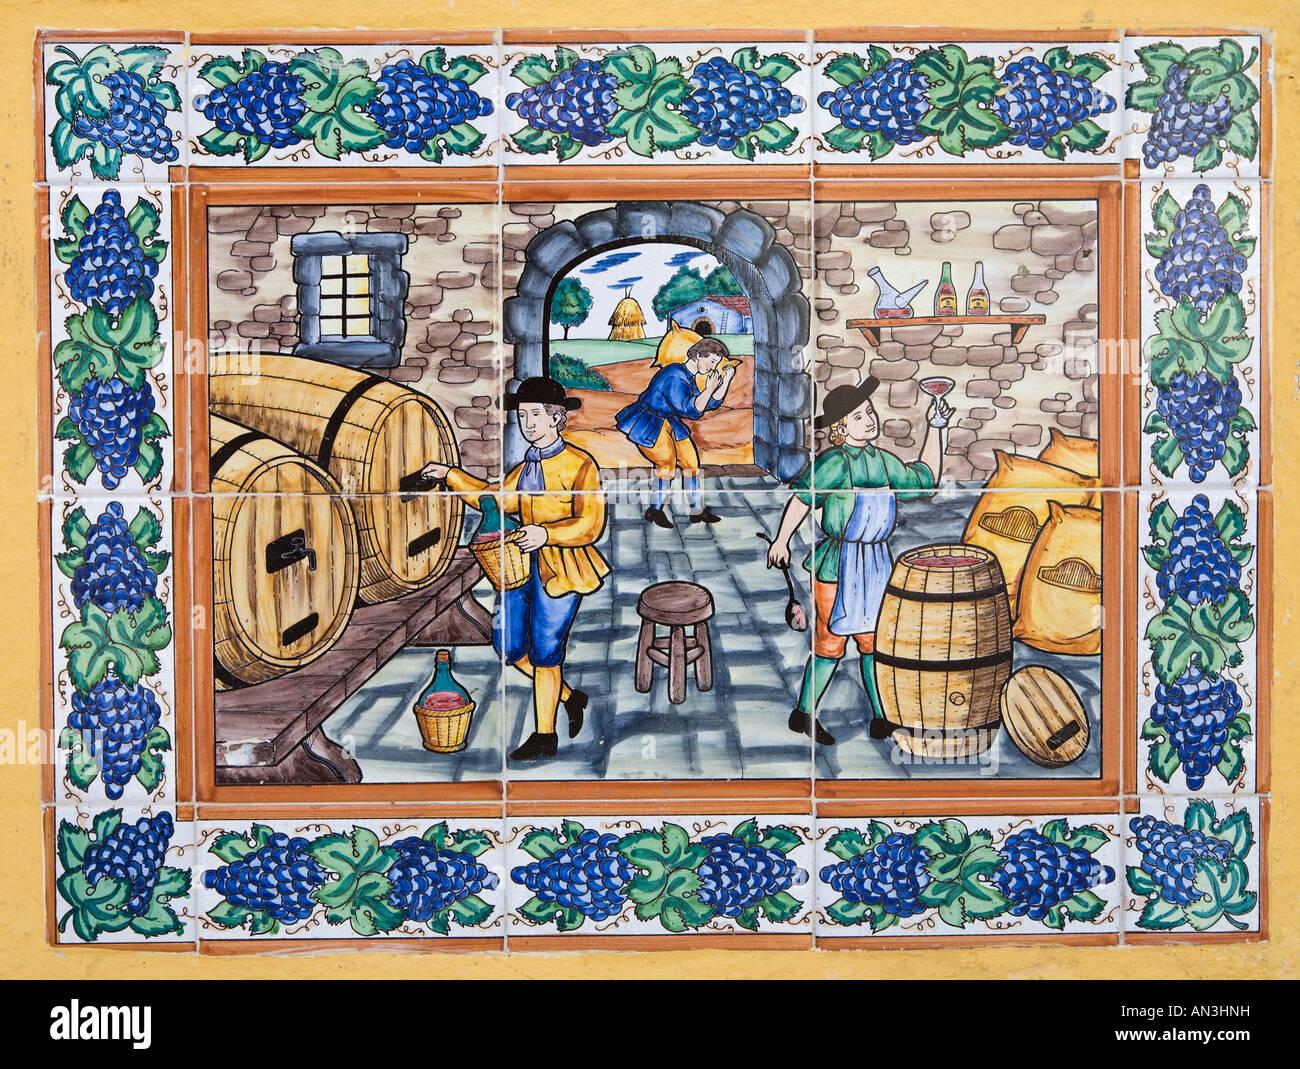 Beautiful 12 Ceiling Tiles Tall 12X12 Vinyl Floor Tile Flat 18 X 18 Ceramic Tile 6 X 12 Porcelain Floor Tile Young Accoustic Ceiling Tiles BlueAcoustic Ceiling Tiles Home Depot Modern Spanish Ceramic Tiles In Style Of 17th Or 18th Century ..